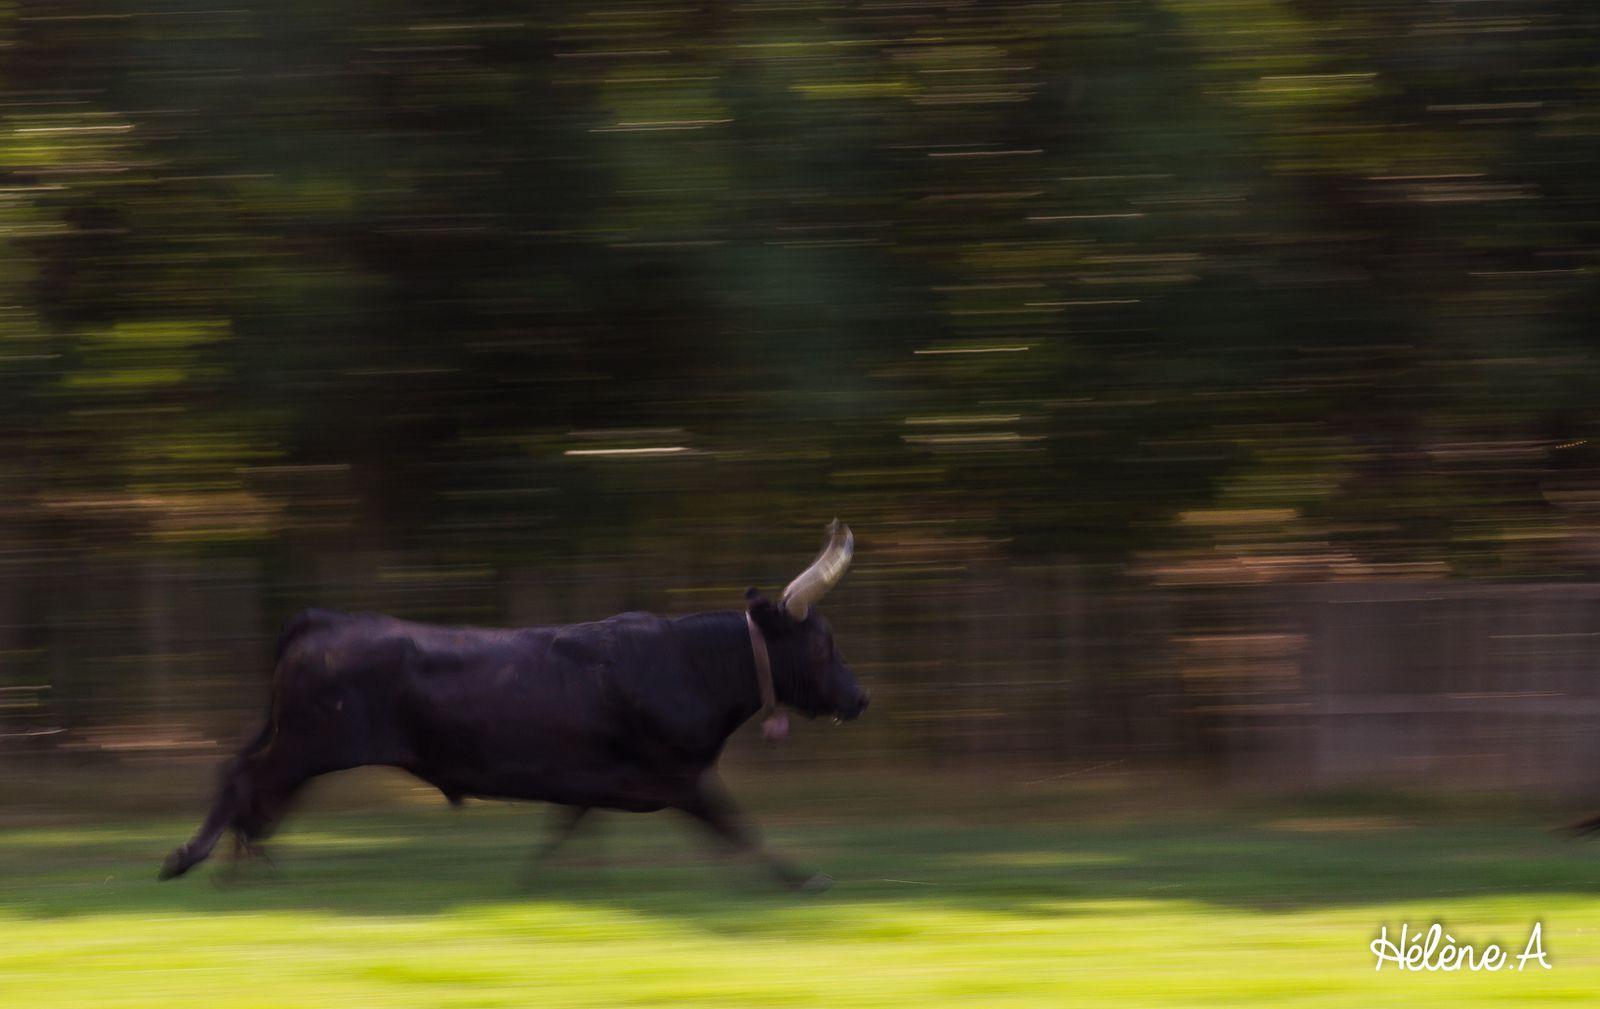 Déjeuner au pré, puis tri des taureaux que nous suivons jusqu'aux arènes